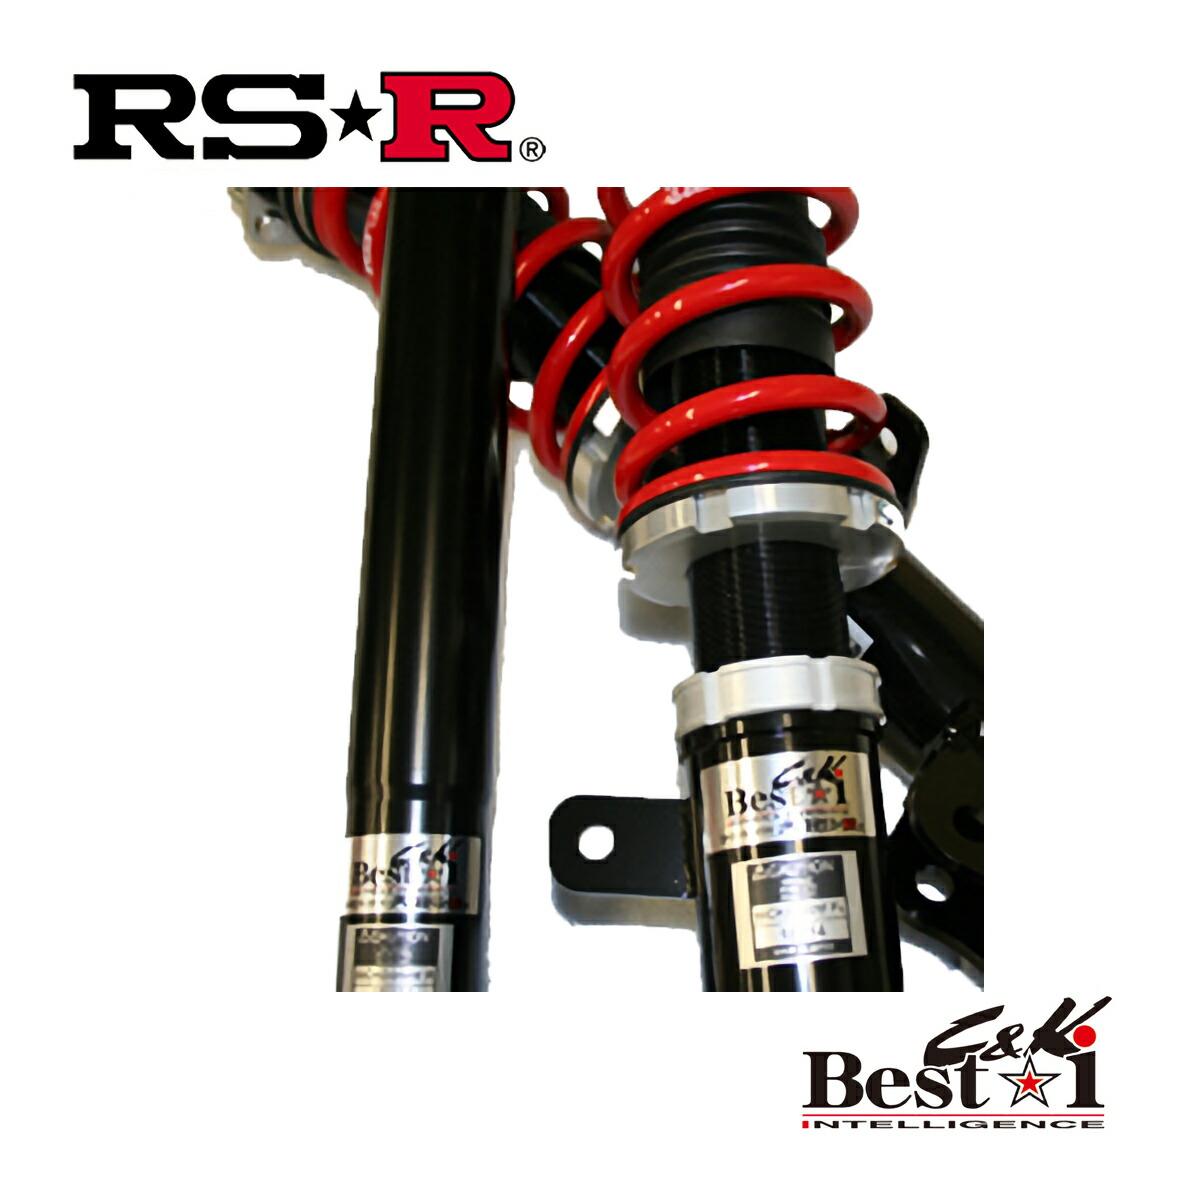 RS-R シフォン カスタムRリミテッド スマートアシスト LA600F 車高調 リア車高調整:ネジ式 BICKD400M ベストi C&K RSR 個人宅発送追金有